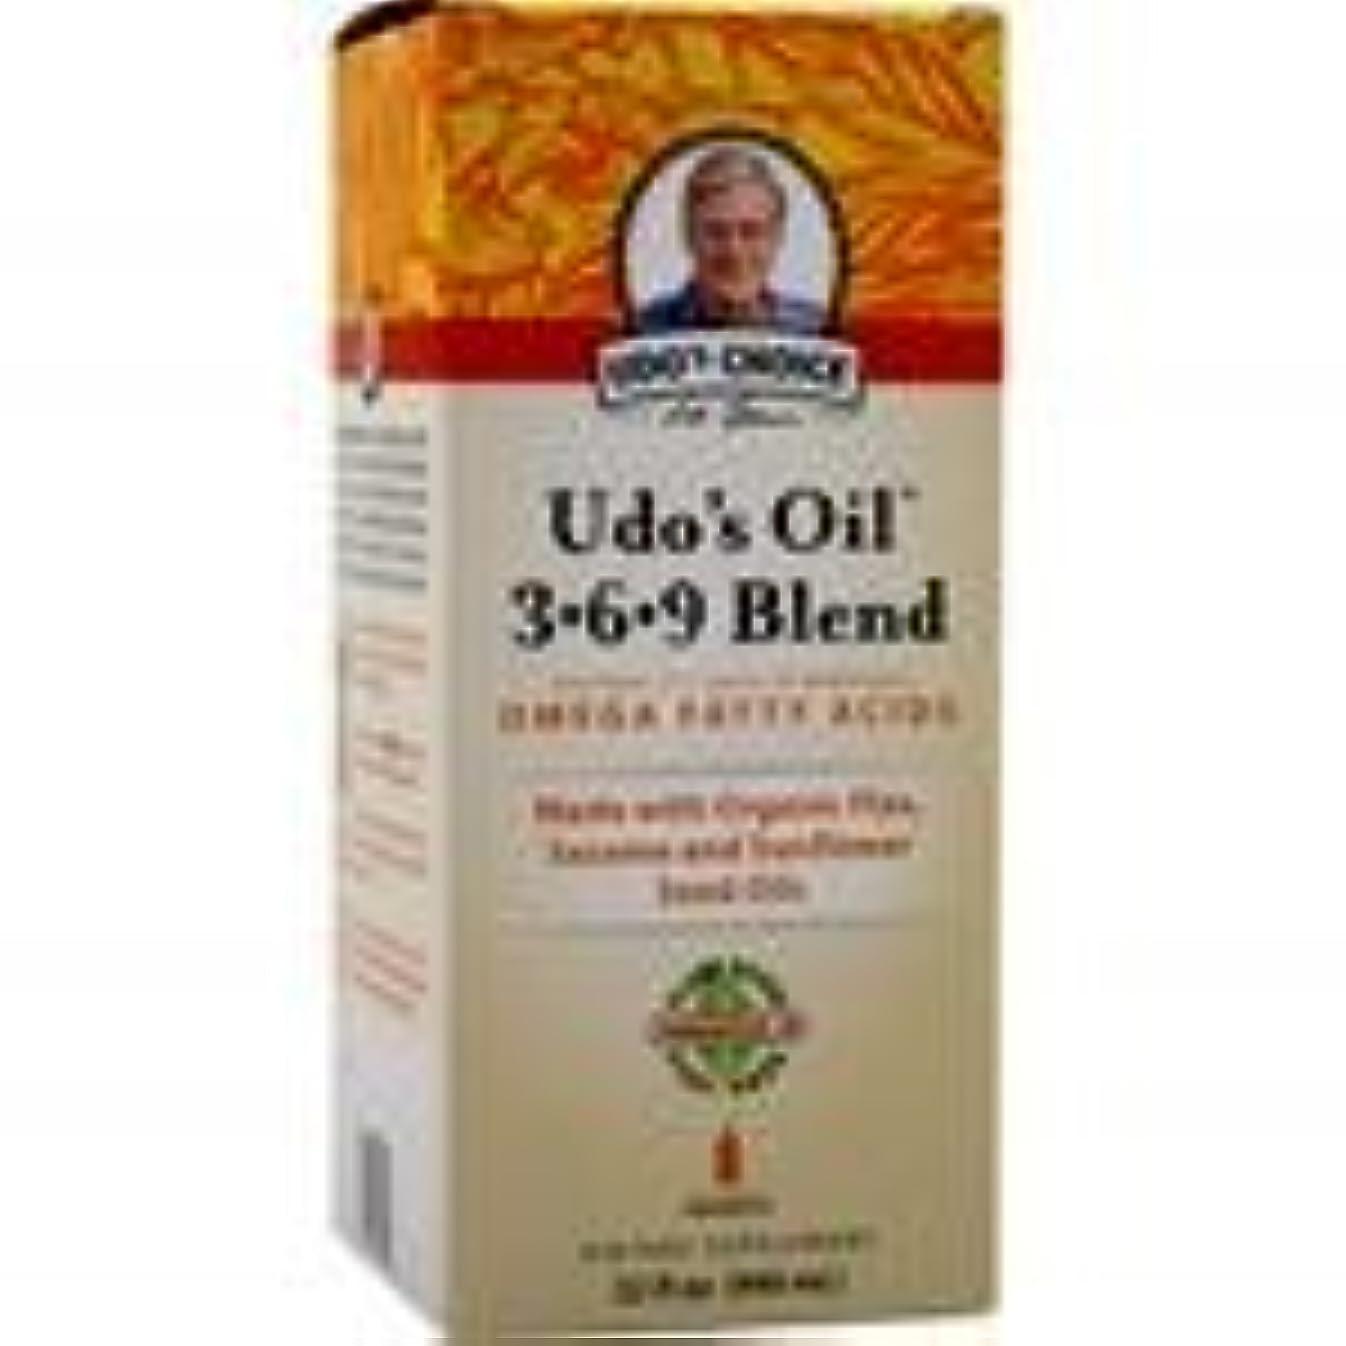 不正バナナモーションUdo's Oil 3-6-9 Blend Liquid 32 fl.oz 4個パック